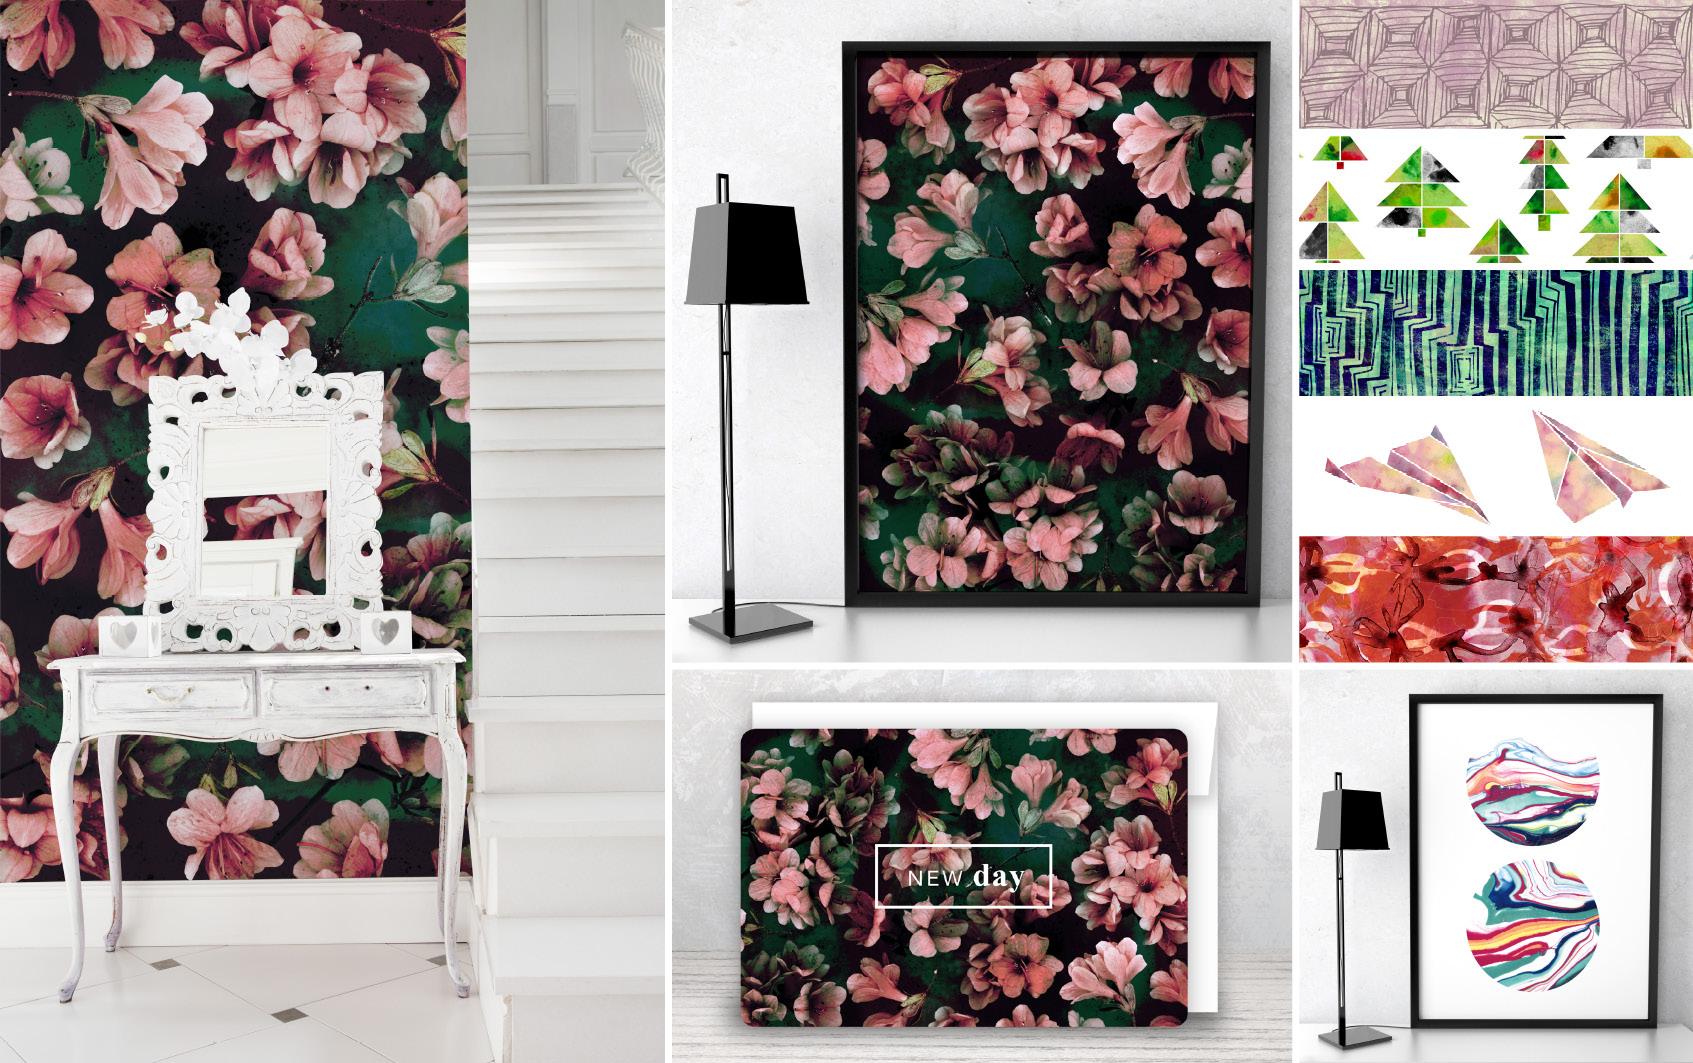 SusanneKasielke-collections-034.jpg